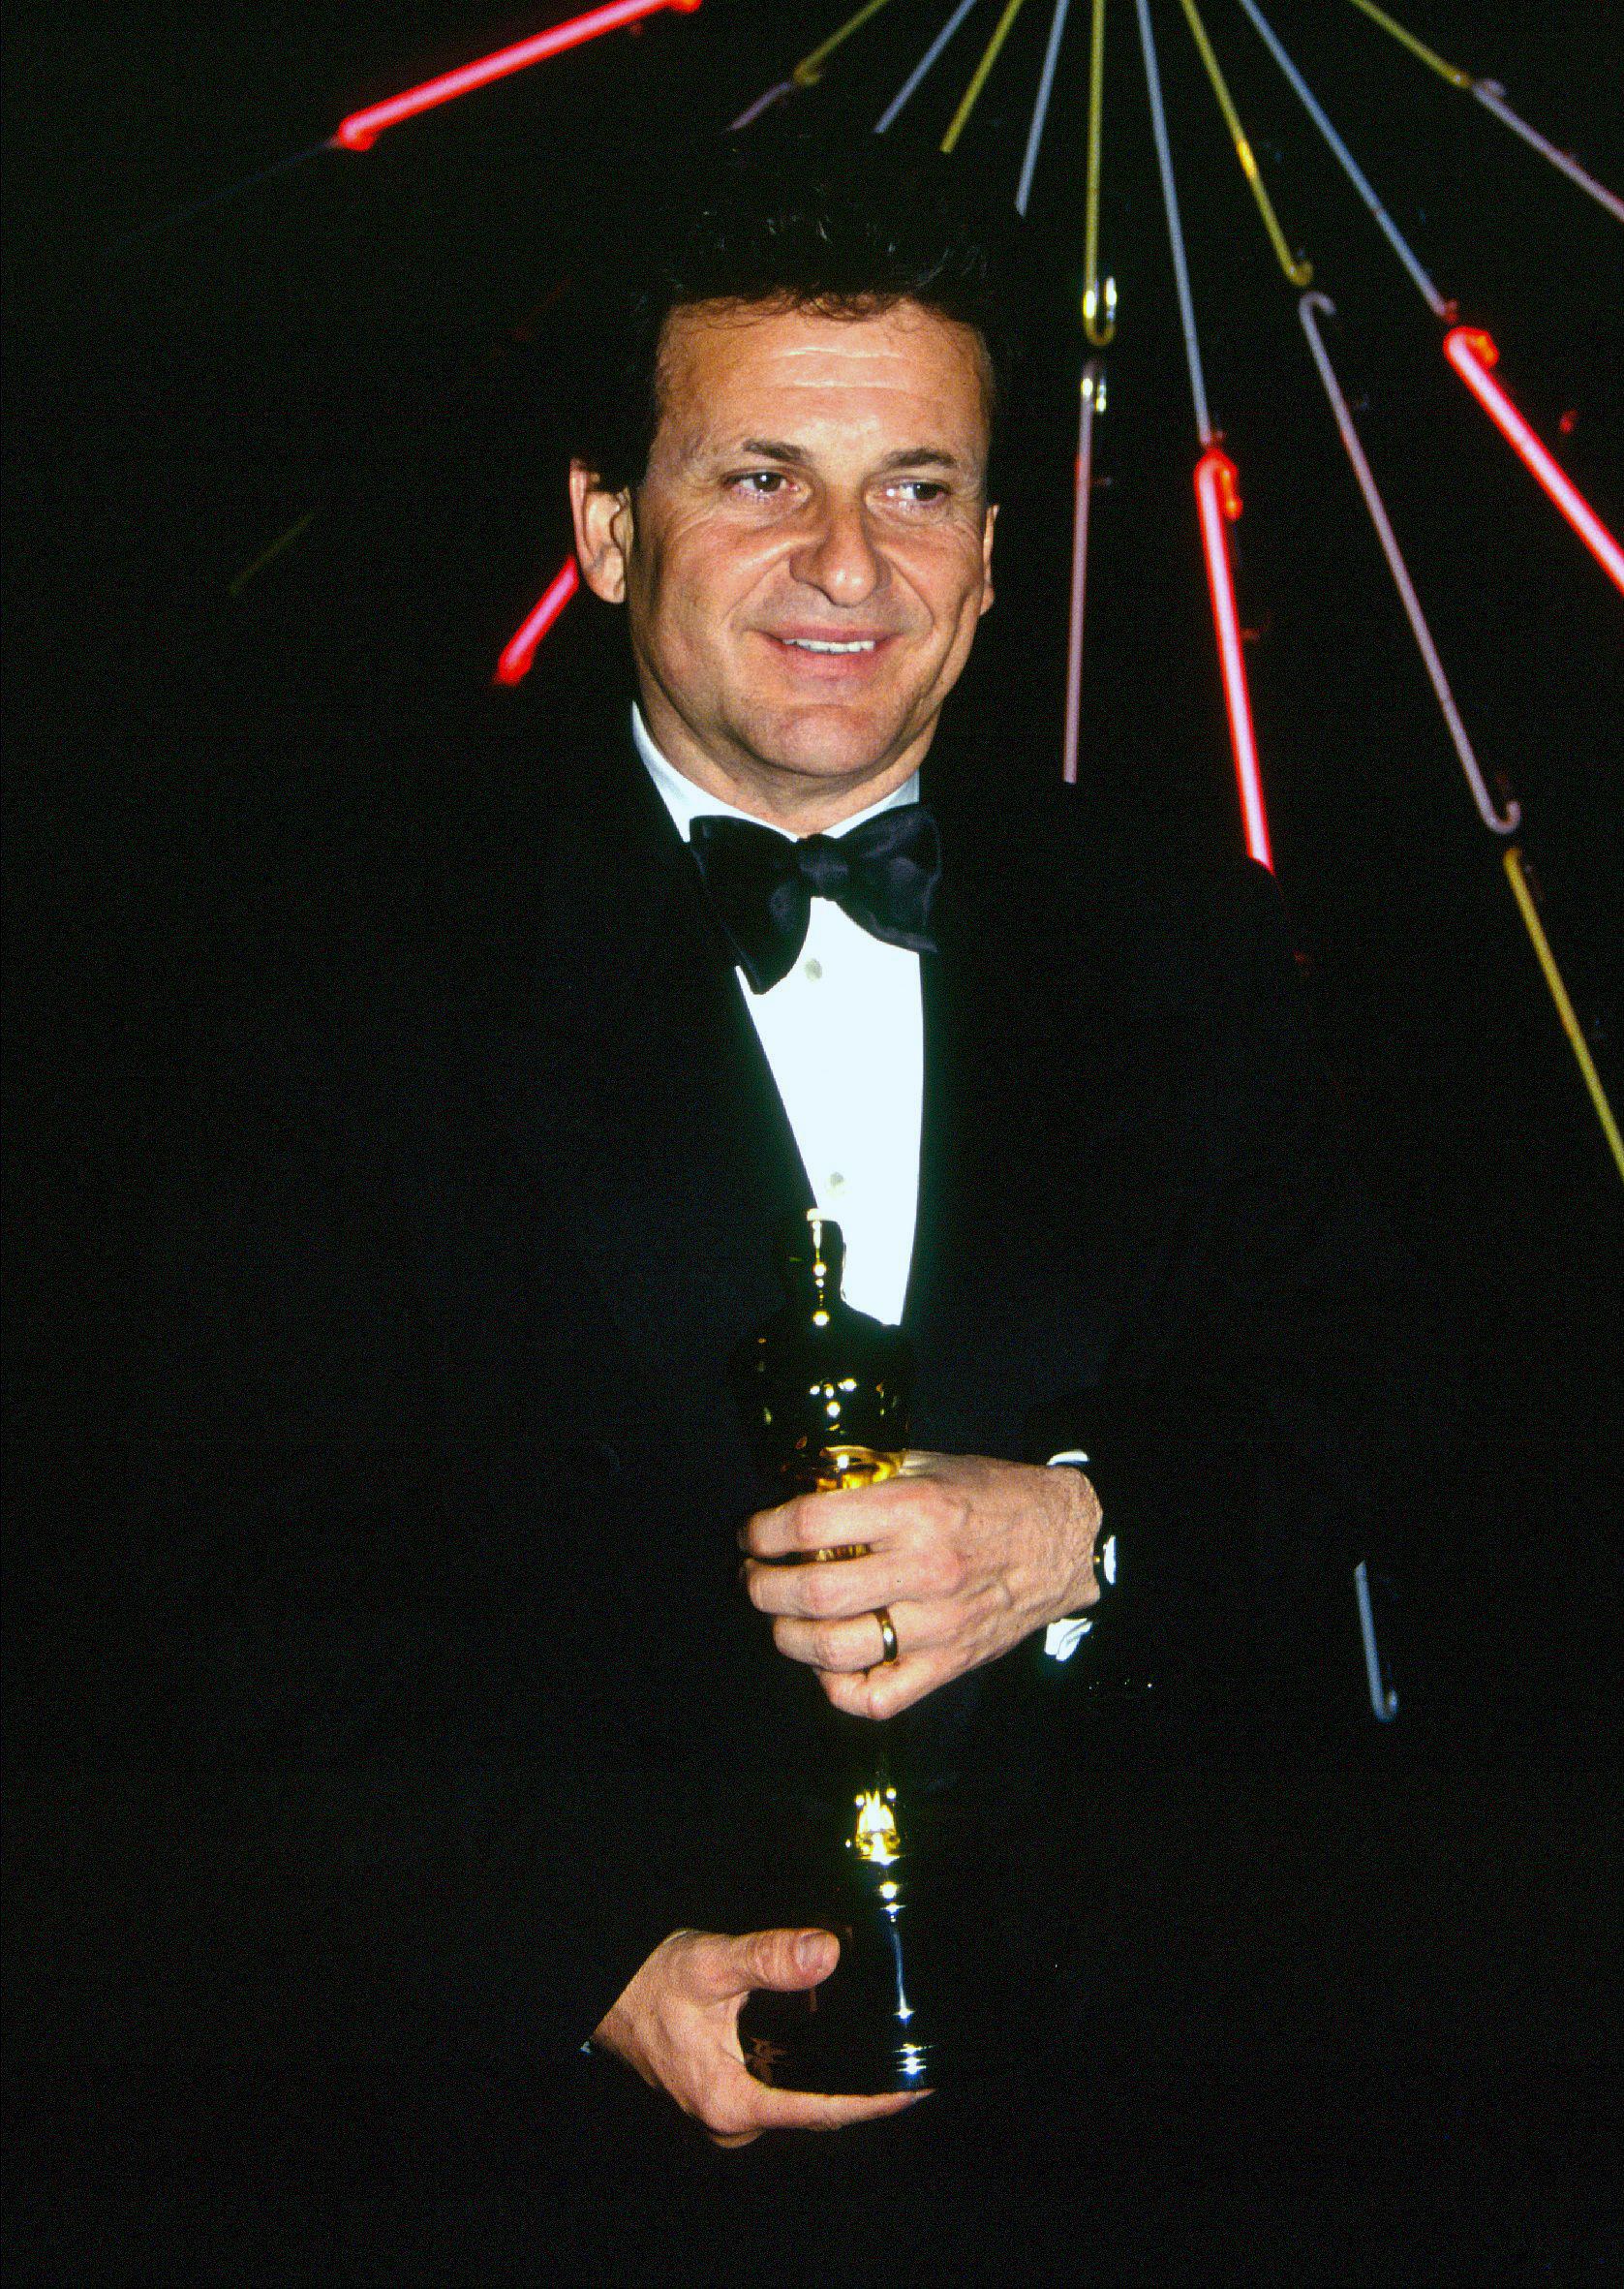 El talensoso Joe Pesci en los premios Oscar de 1991. Tras muchos años alejado del cine, Pesci le dijo que sí a Scorsese para ser parte de